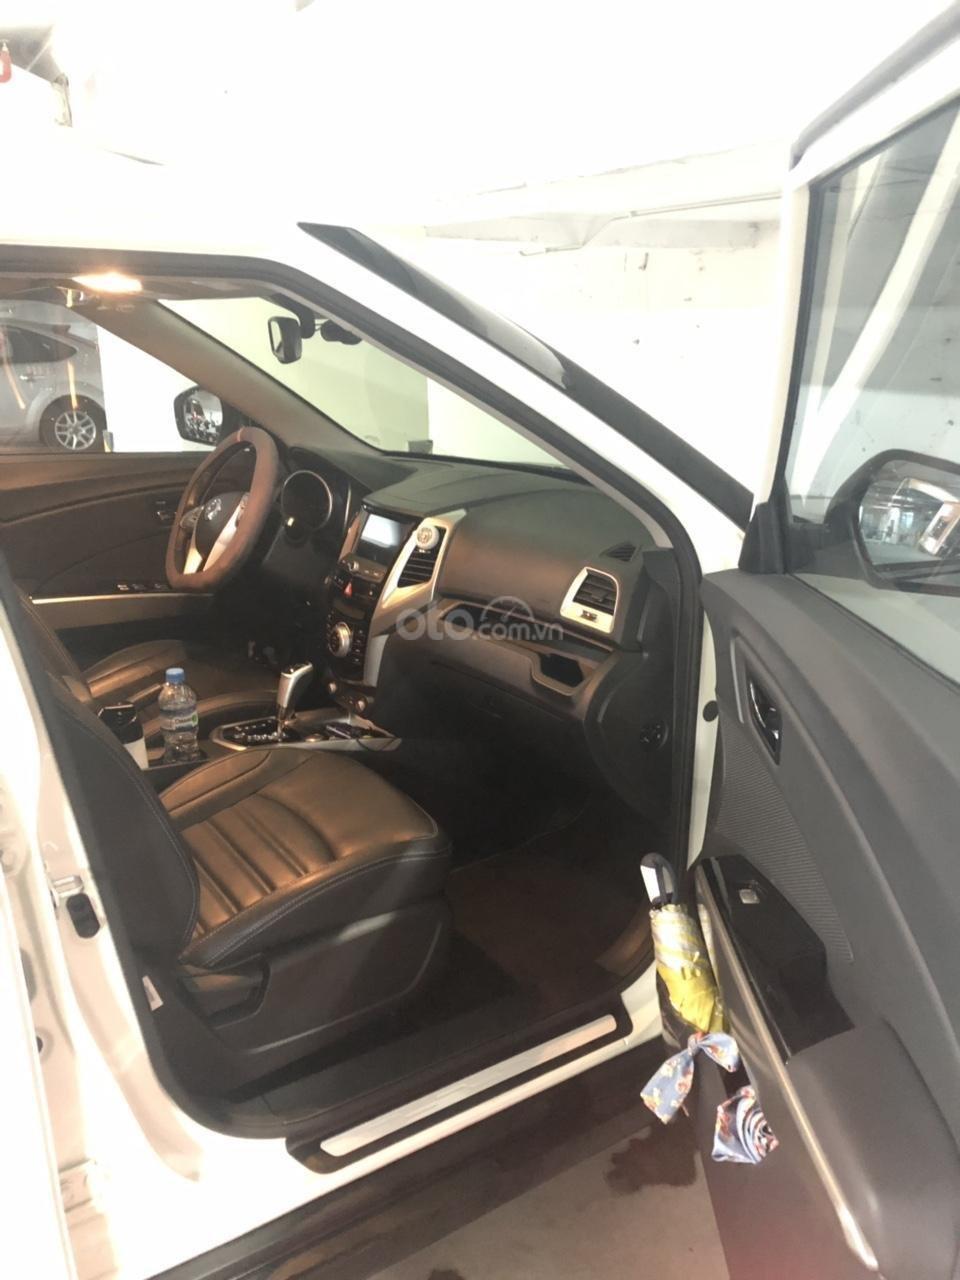 Nissan Terra 1 cầu số tự động 7 chỗ nhập khẩu Thái Lan. Giảm 40 triệu+ quà tặng-5